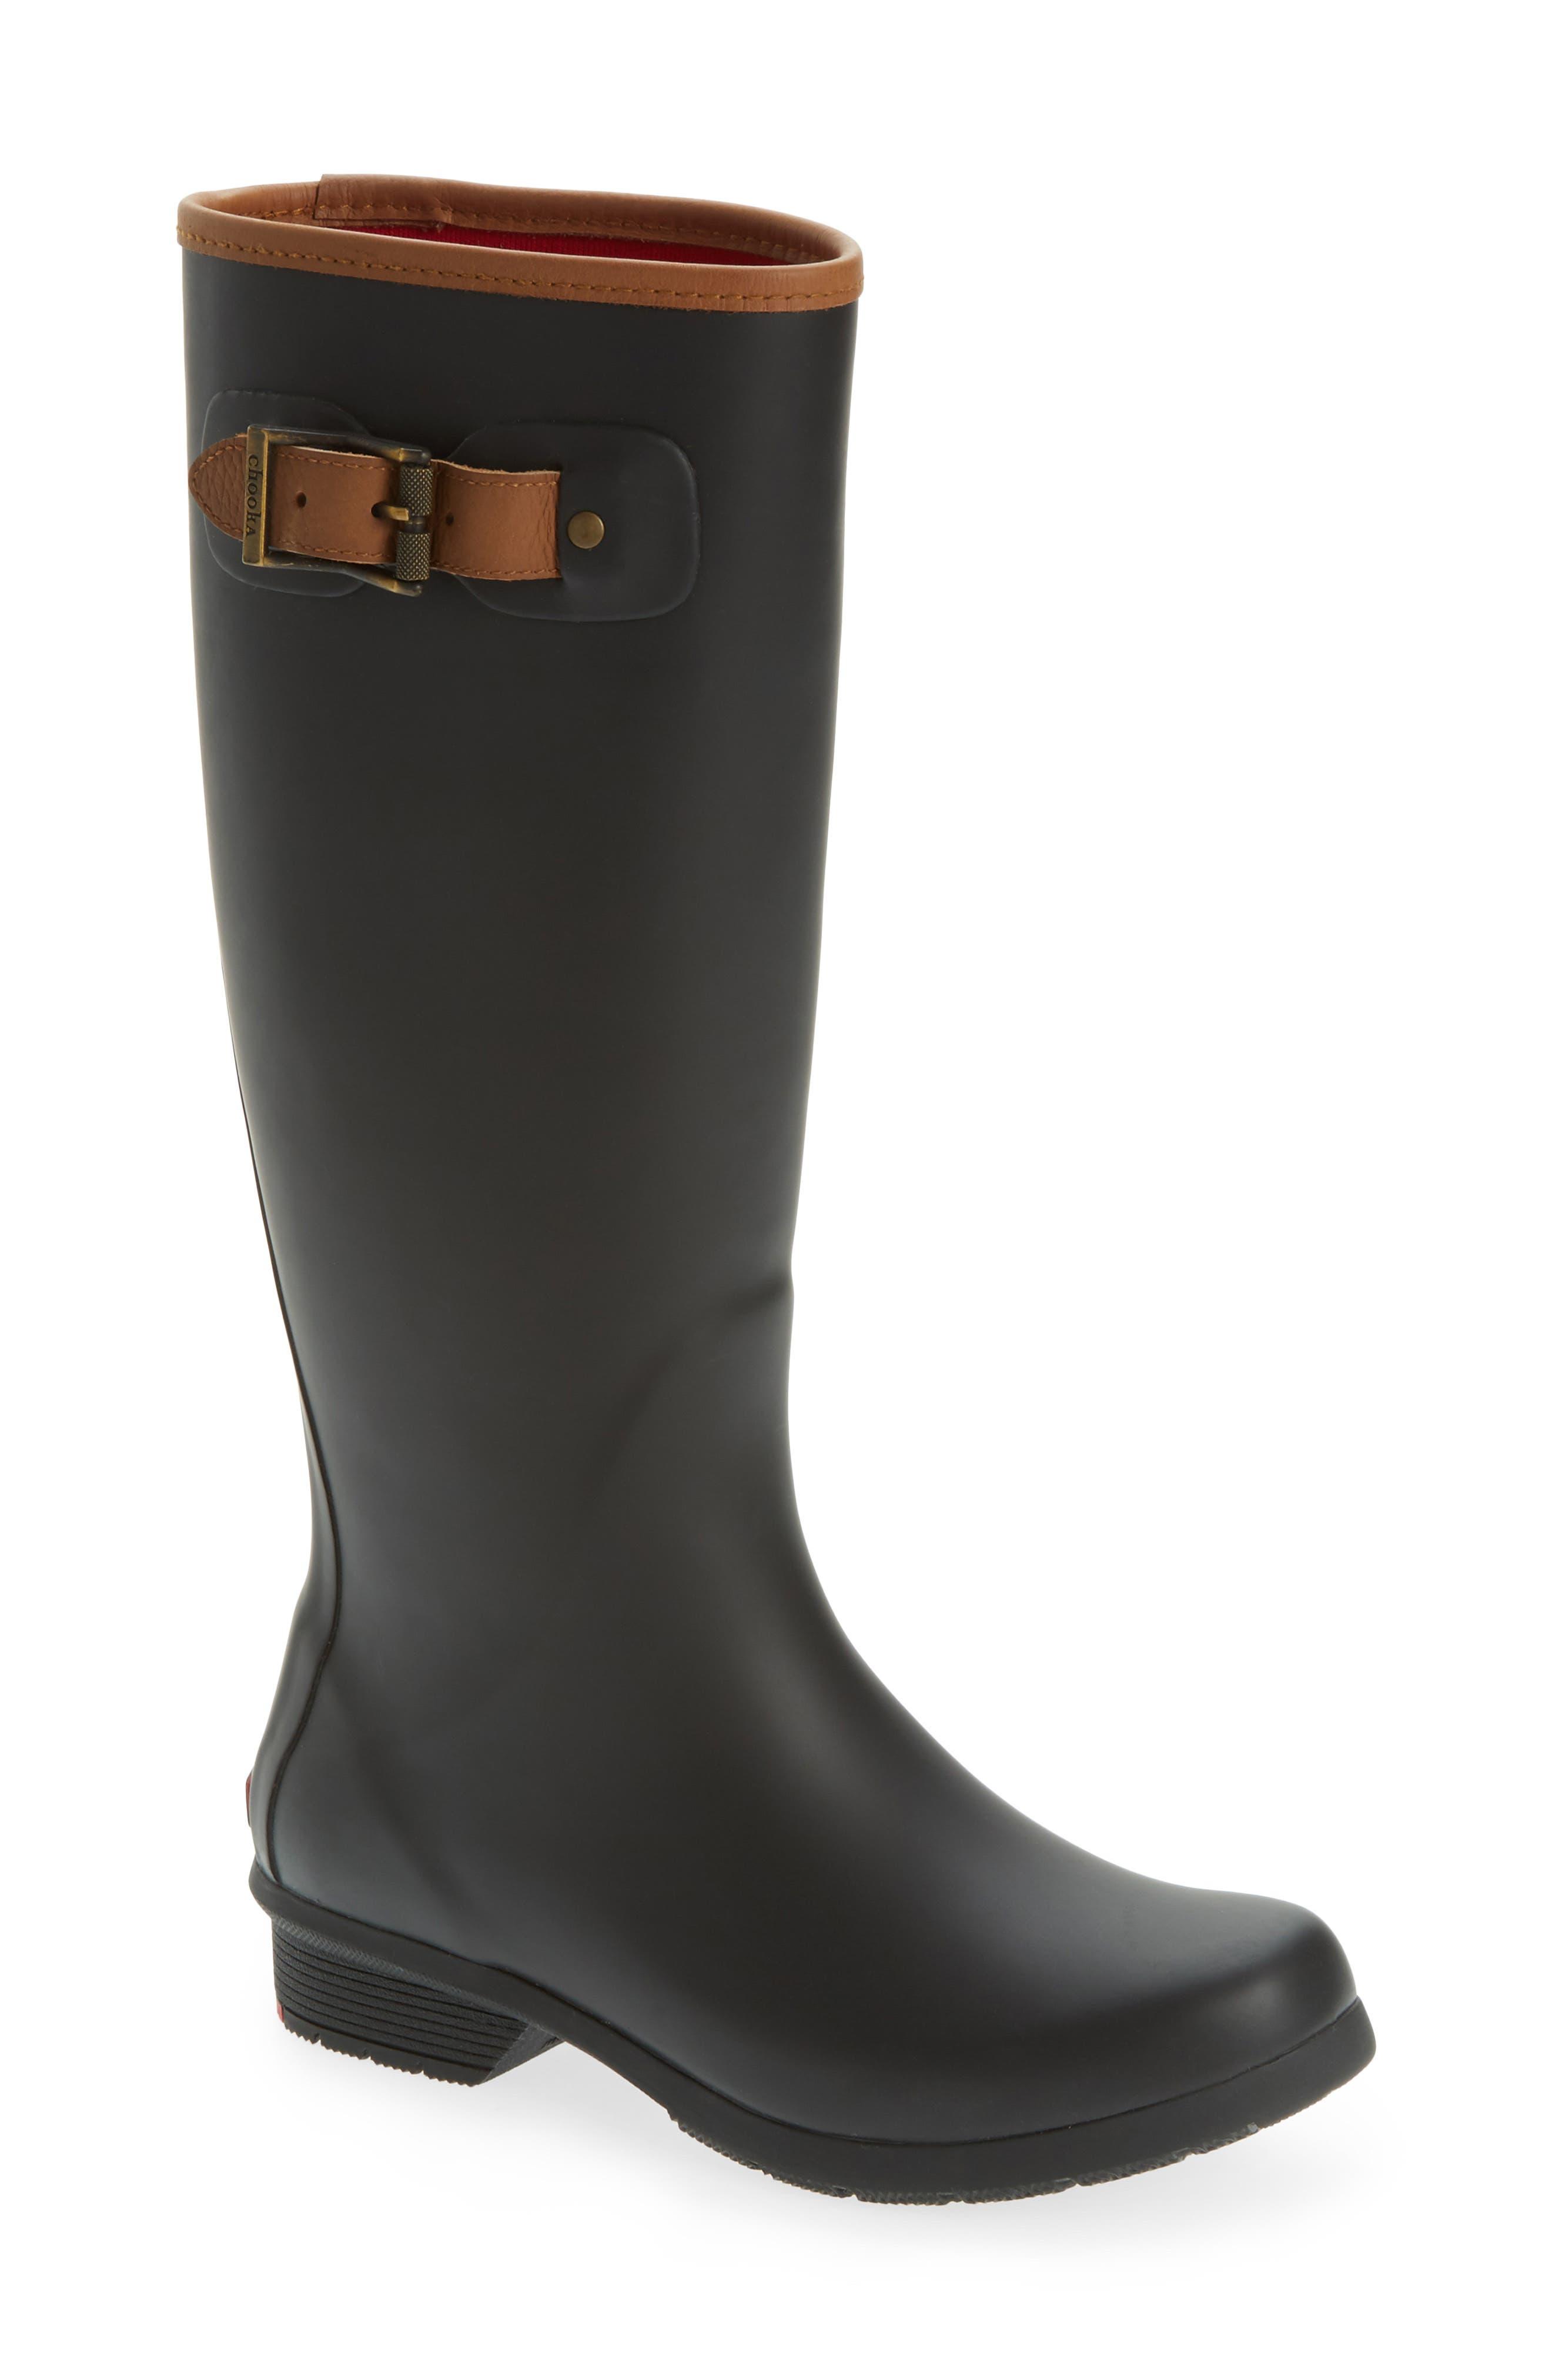 Chooka City Tall Rain Boot, Black